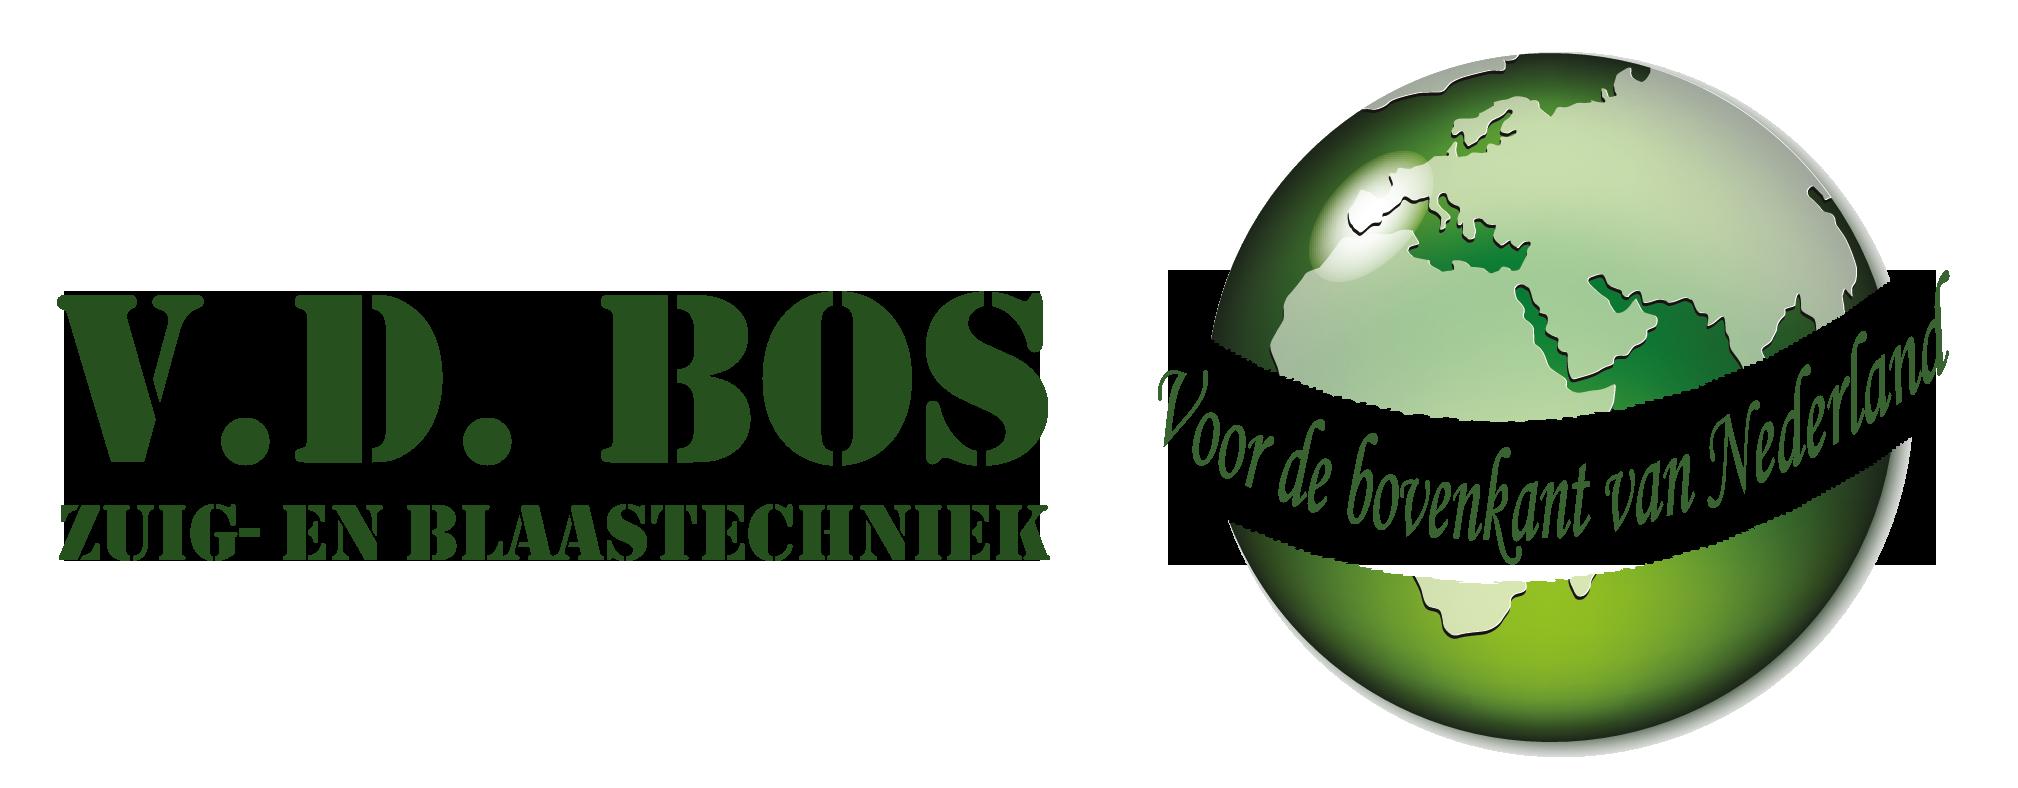 T. van den Bos Zuig- en Blaastechniek B.V.